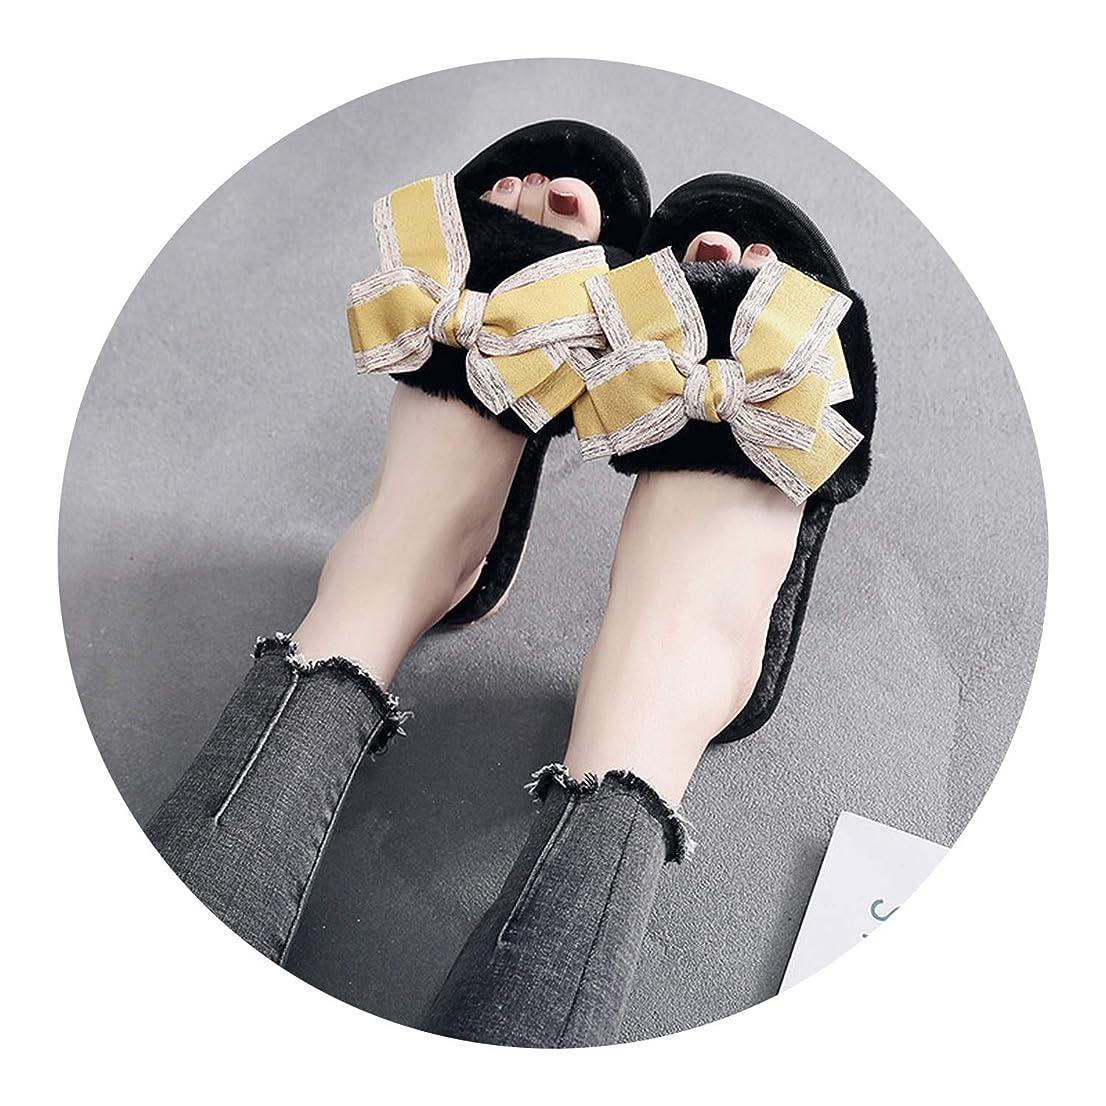 写真スリチンモイ二家族リビング可愛いスリッパかわいい室内 綺麗な暖かい厚い底 毛 靴 綿スリッパ冬 靴 靴 冬 スリッパ レディース